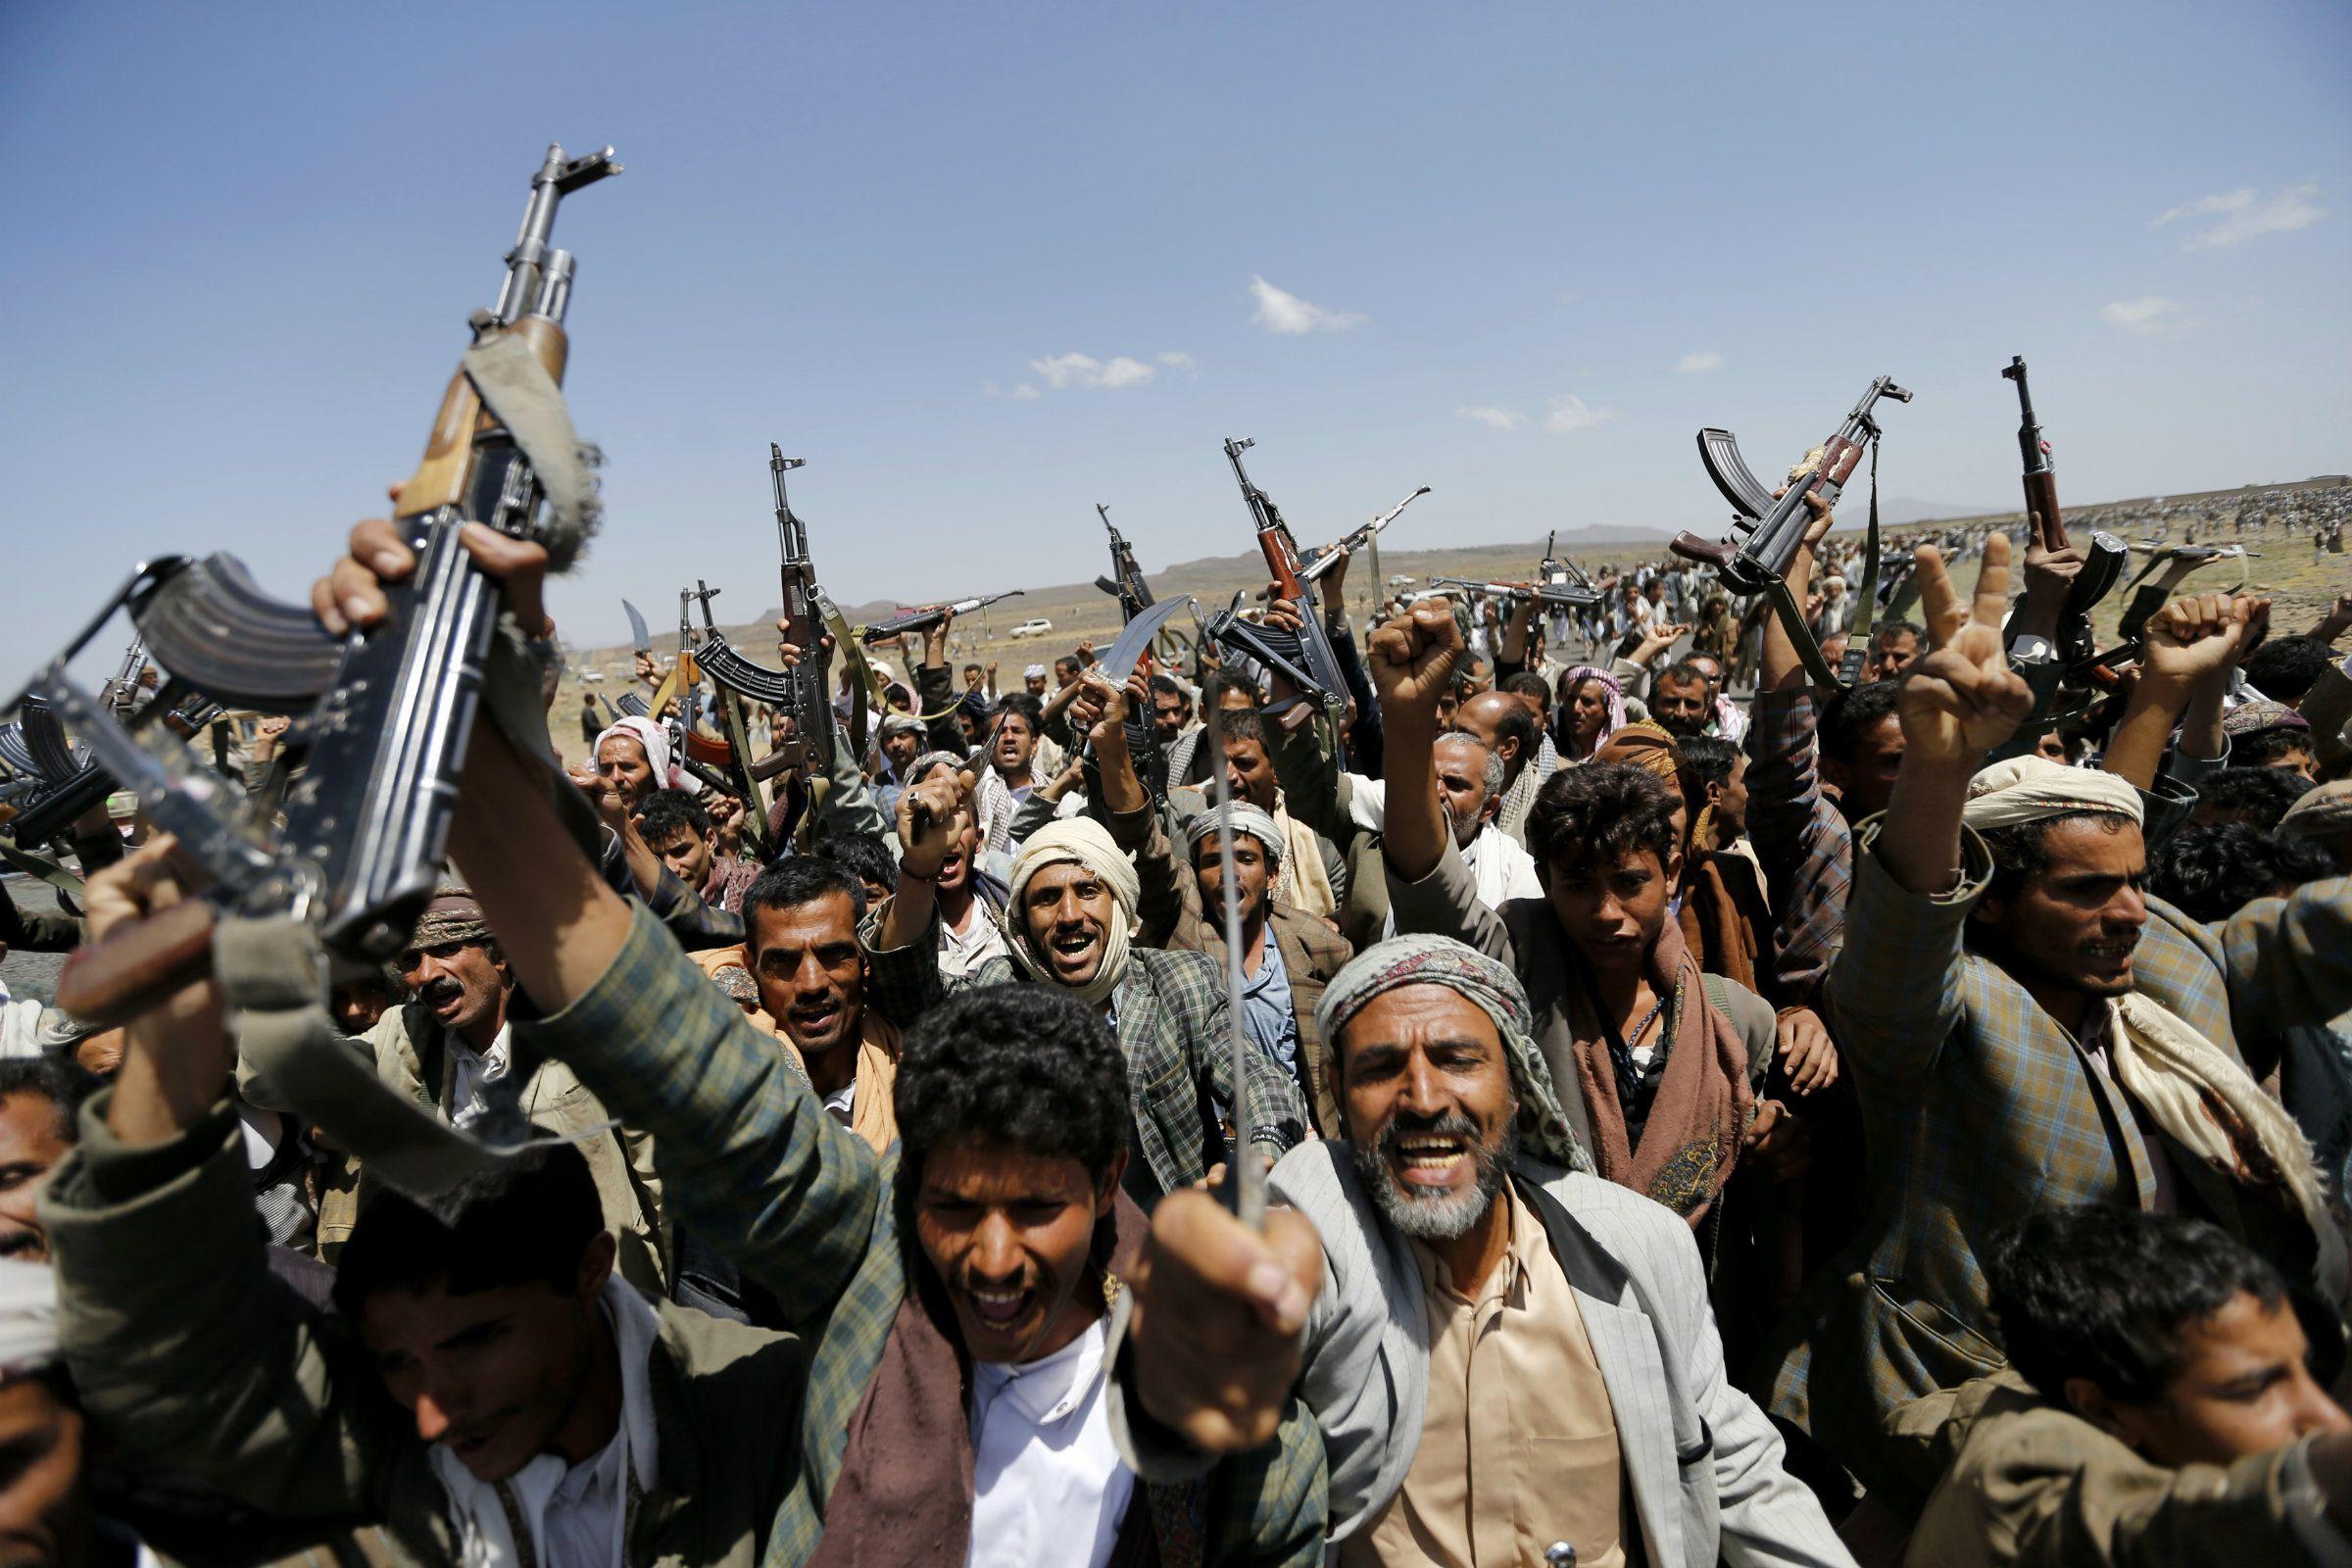 Houthi Yemen AQAP